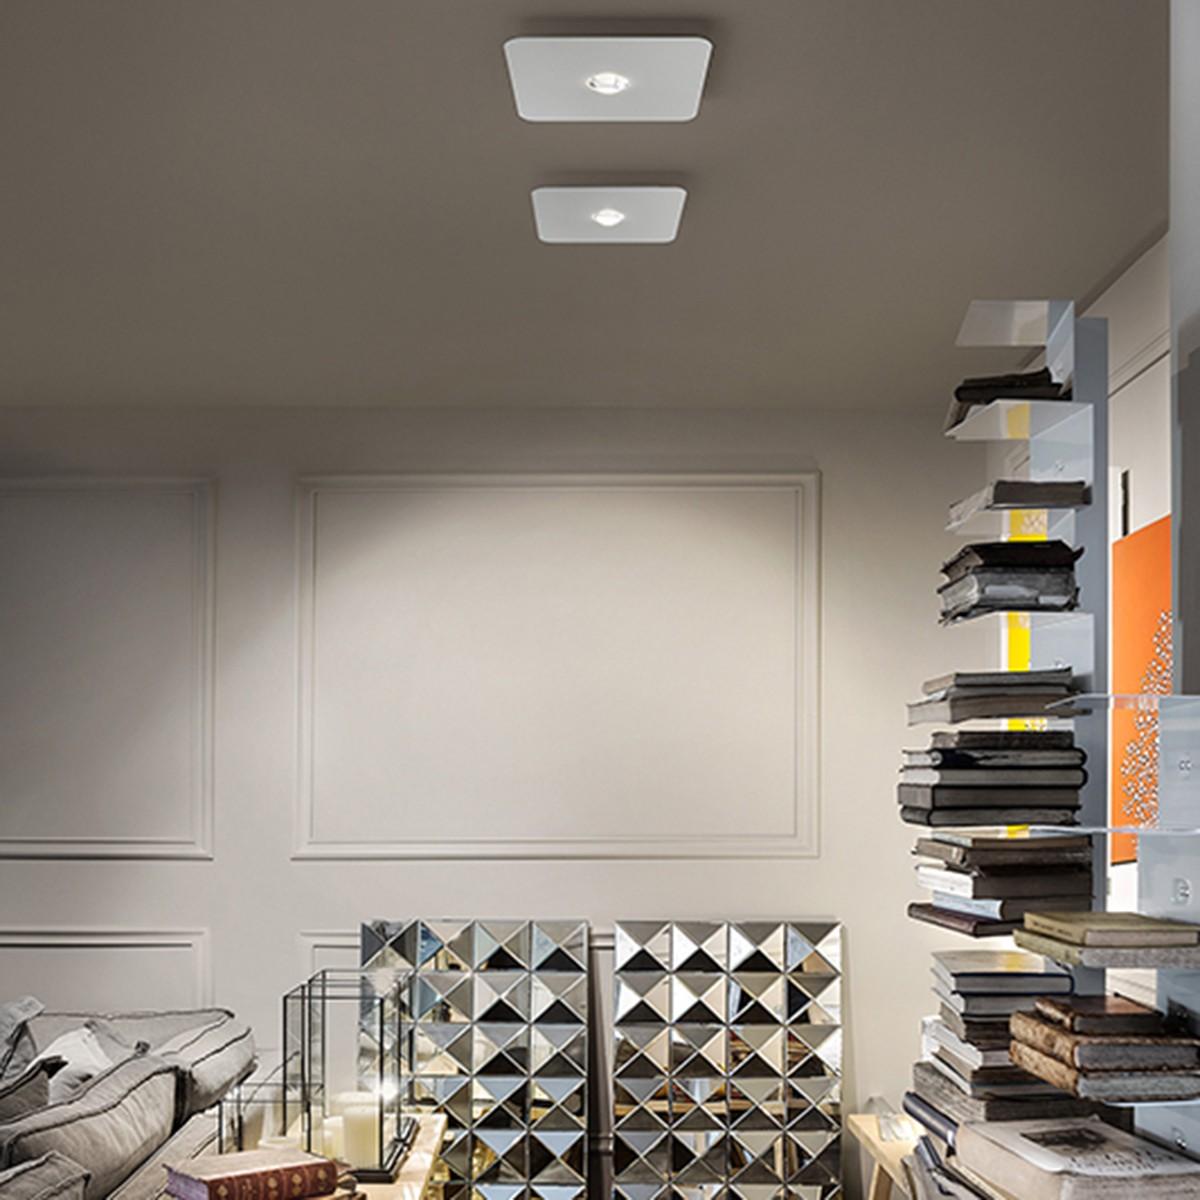 Studio Italia Design Frozen Small Deckenleuchte, weiß matt, 2700 °K